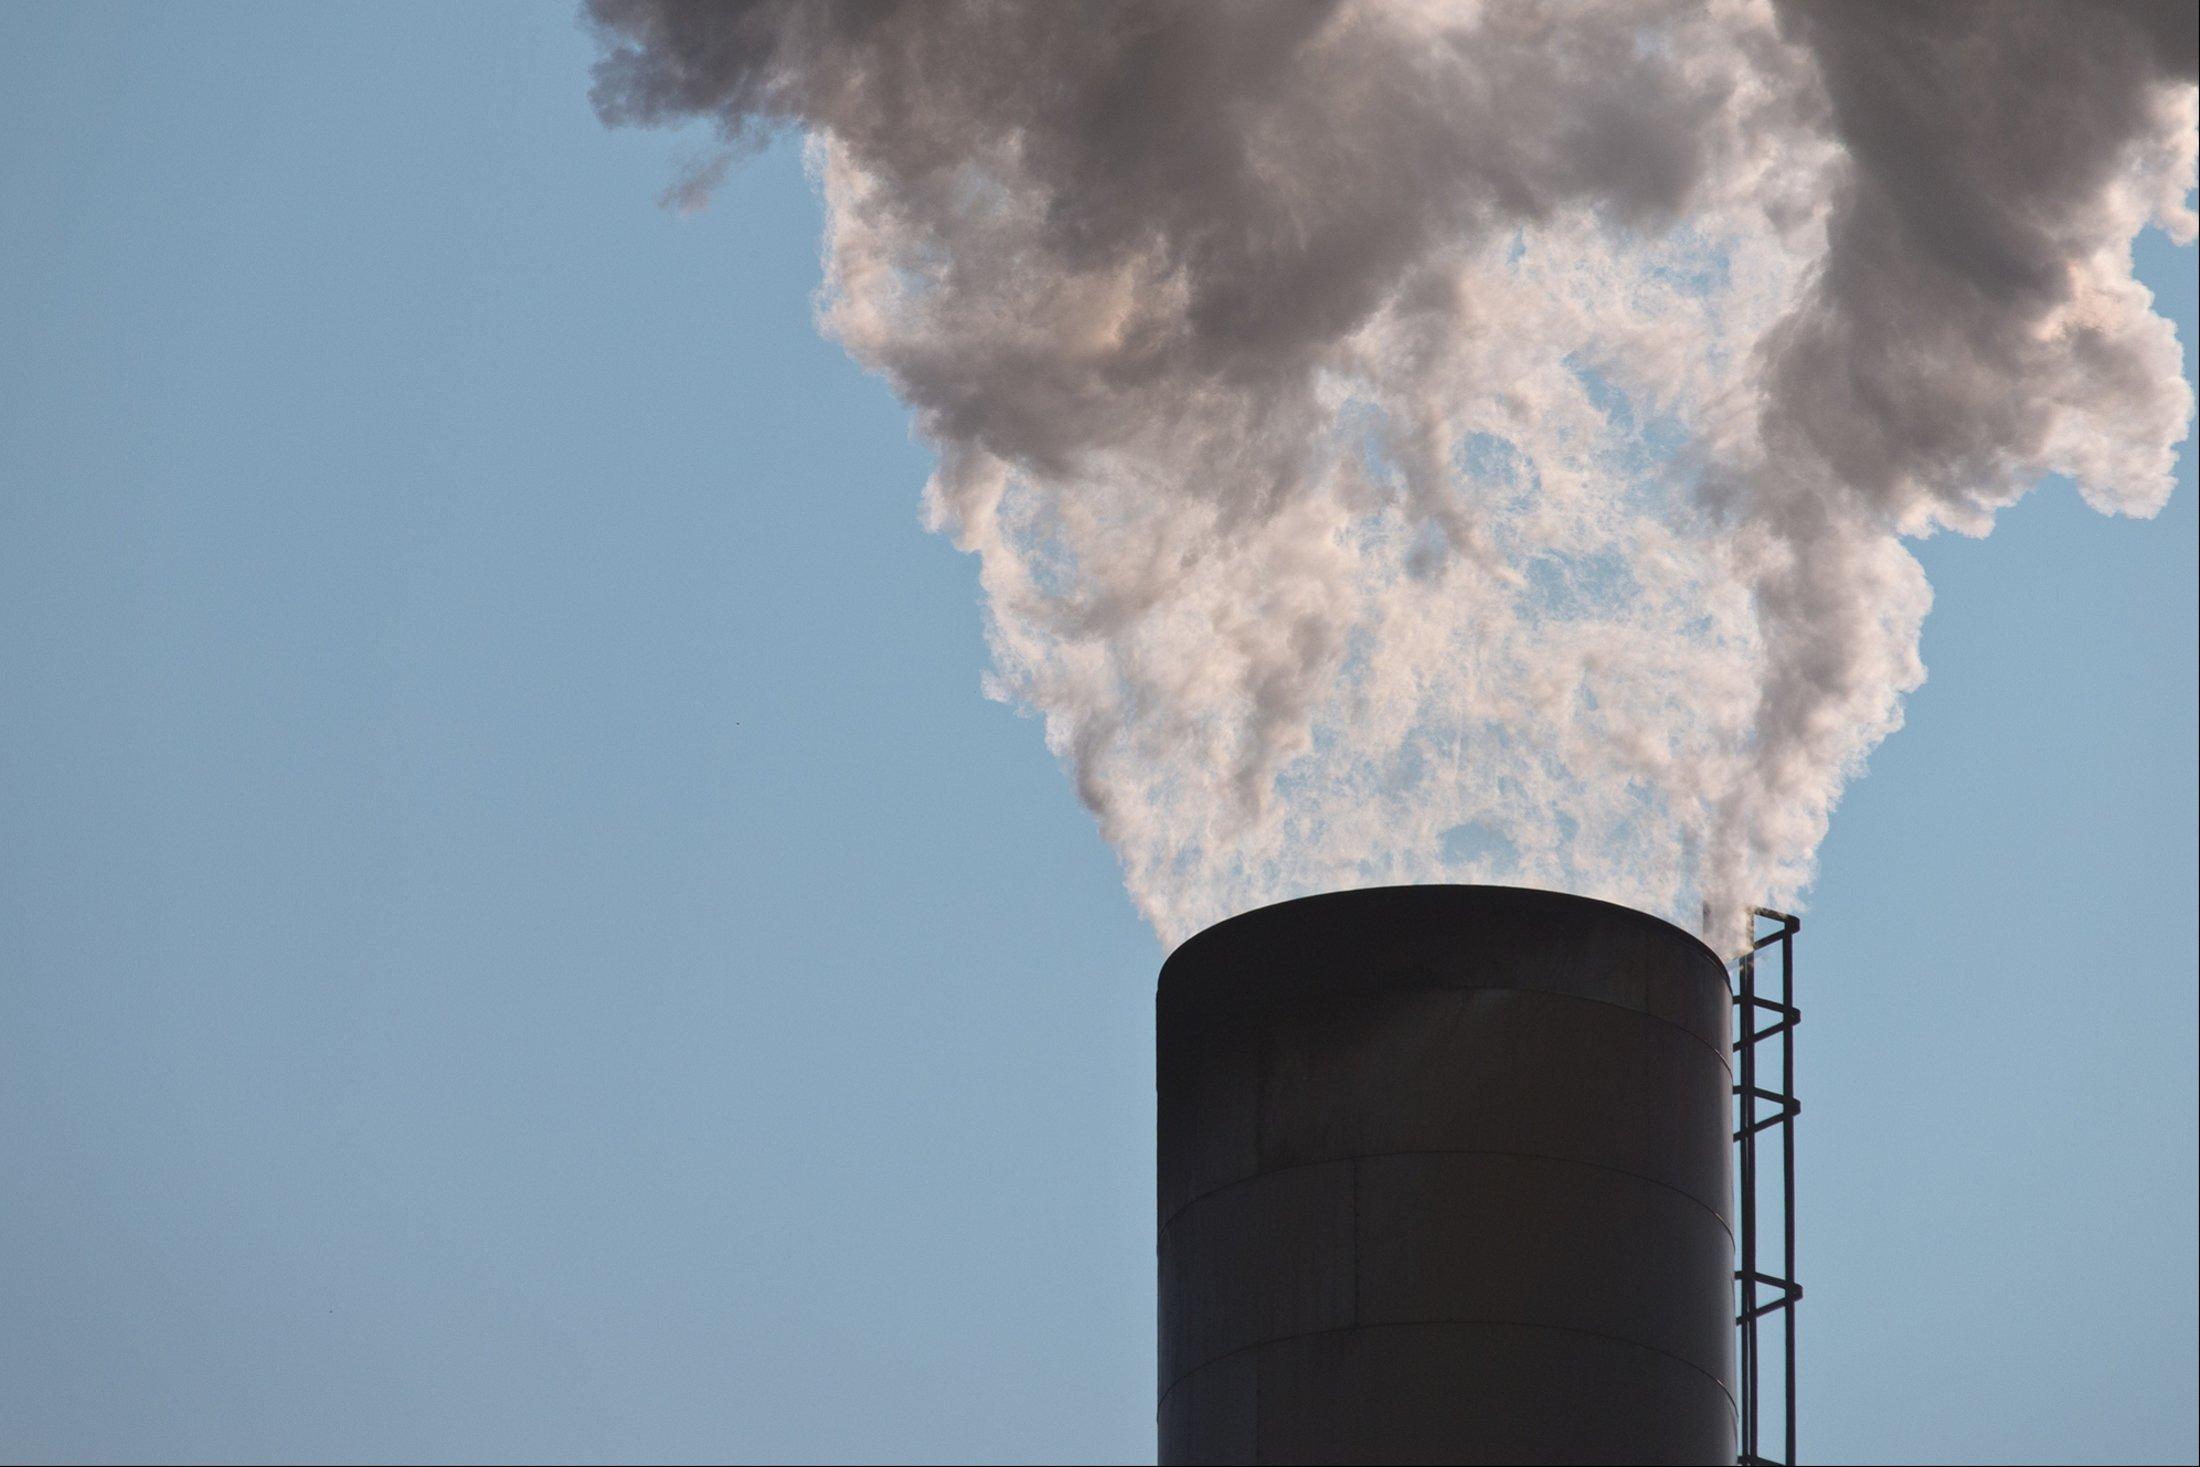 Архитекторы работают над защитой окружающей среды